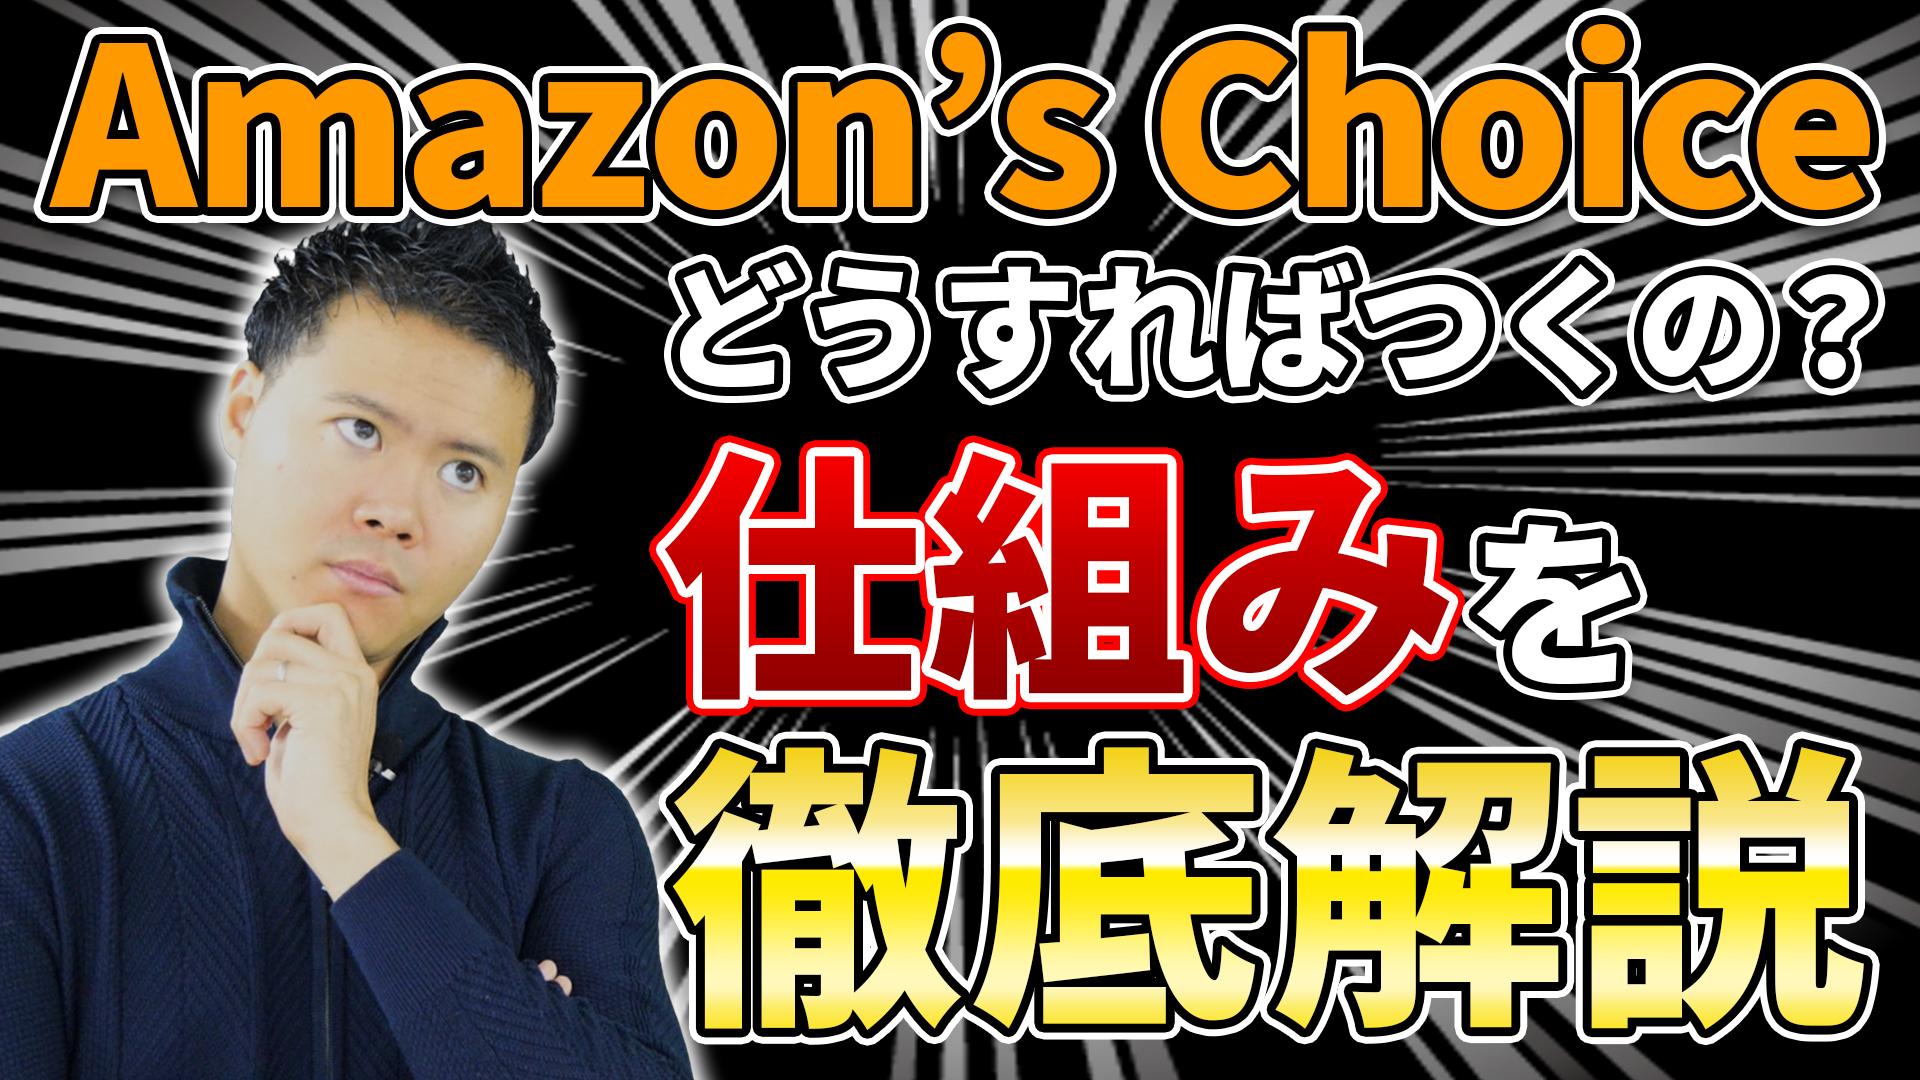 Amazon'sChoiseはどうすればつくのか?その仕組みは?販売者目線でズバリ解説します